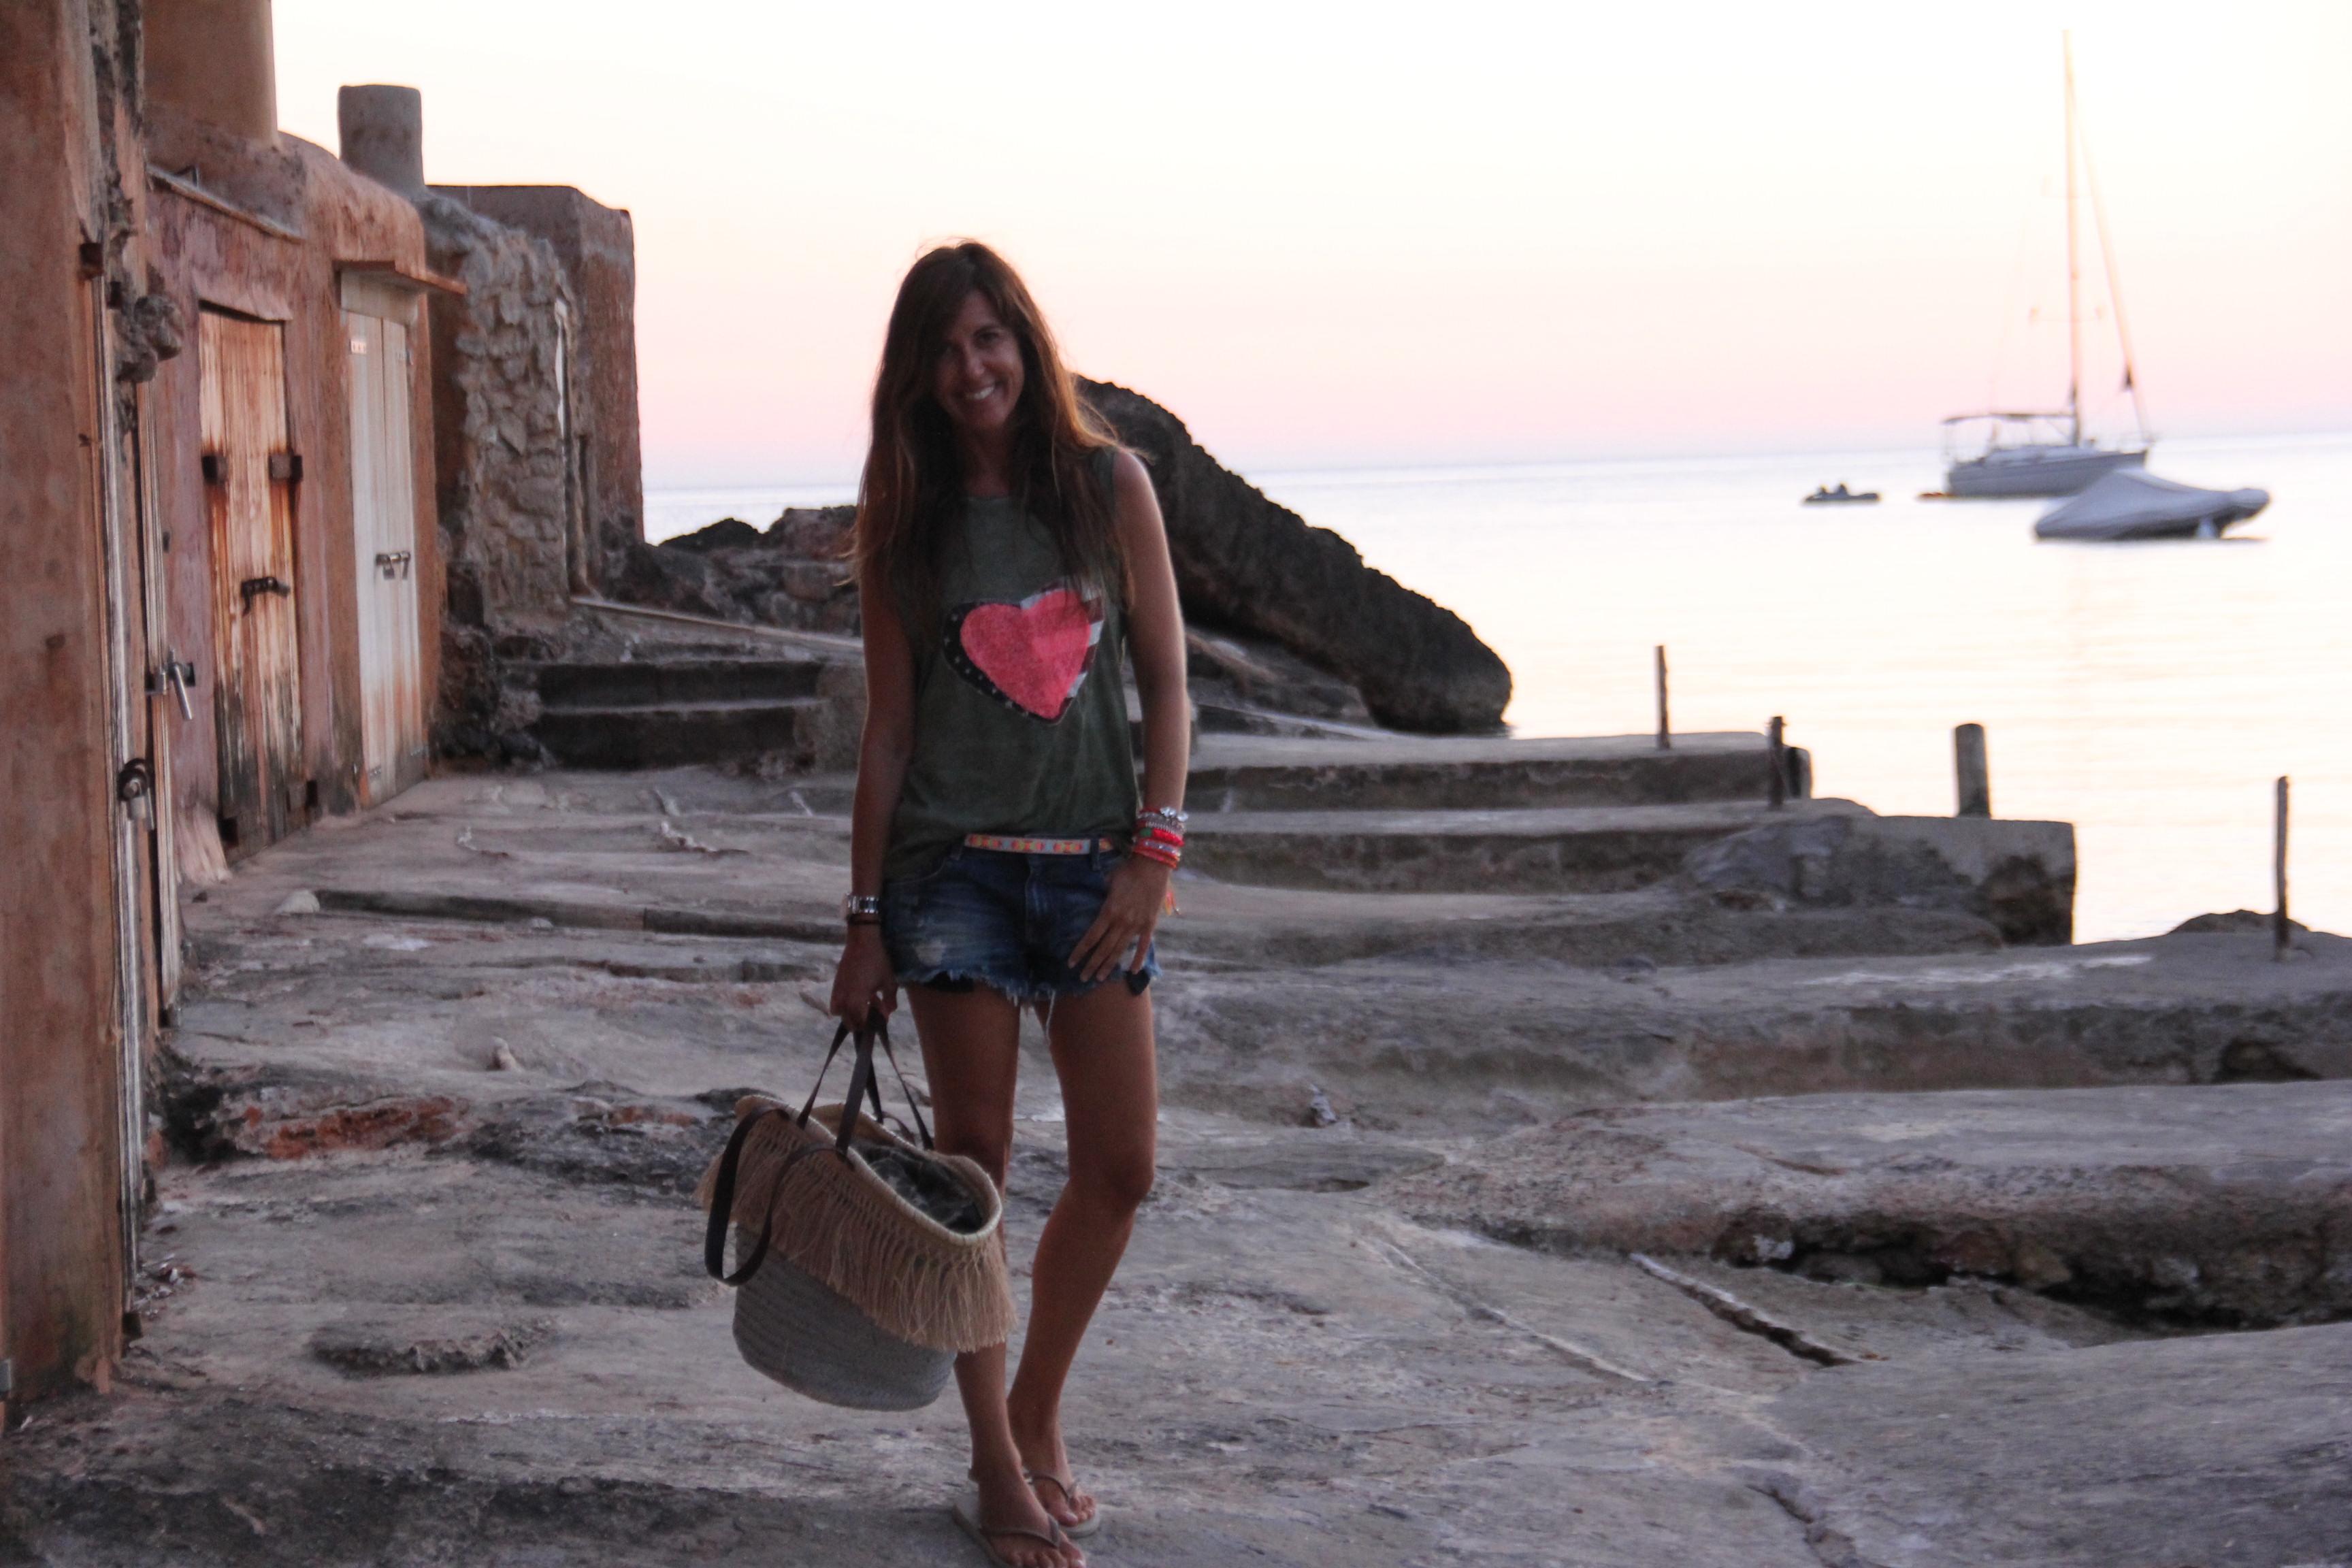 sunset at Ibiza from the boat!-52894-mytenida